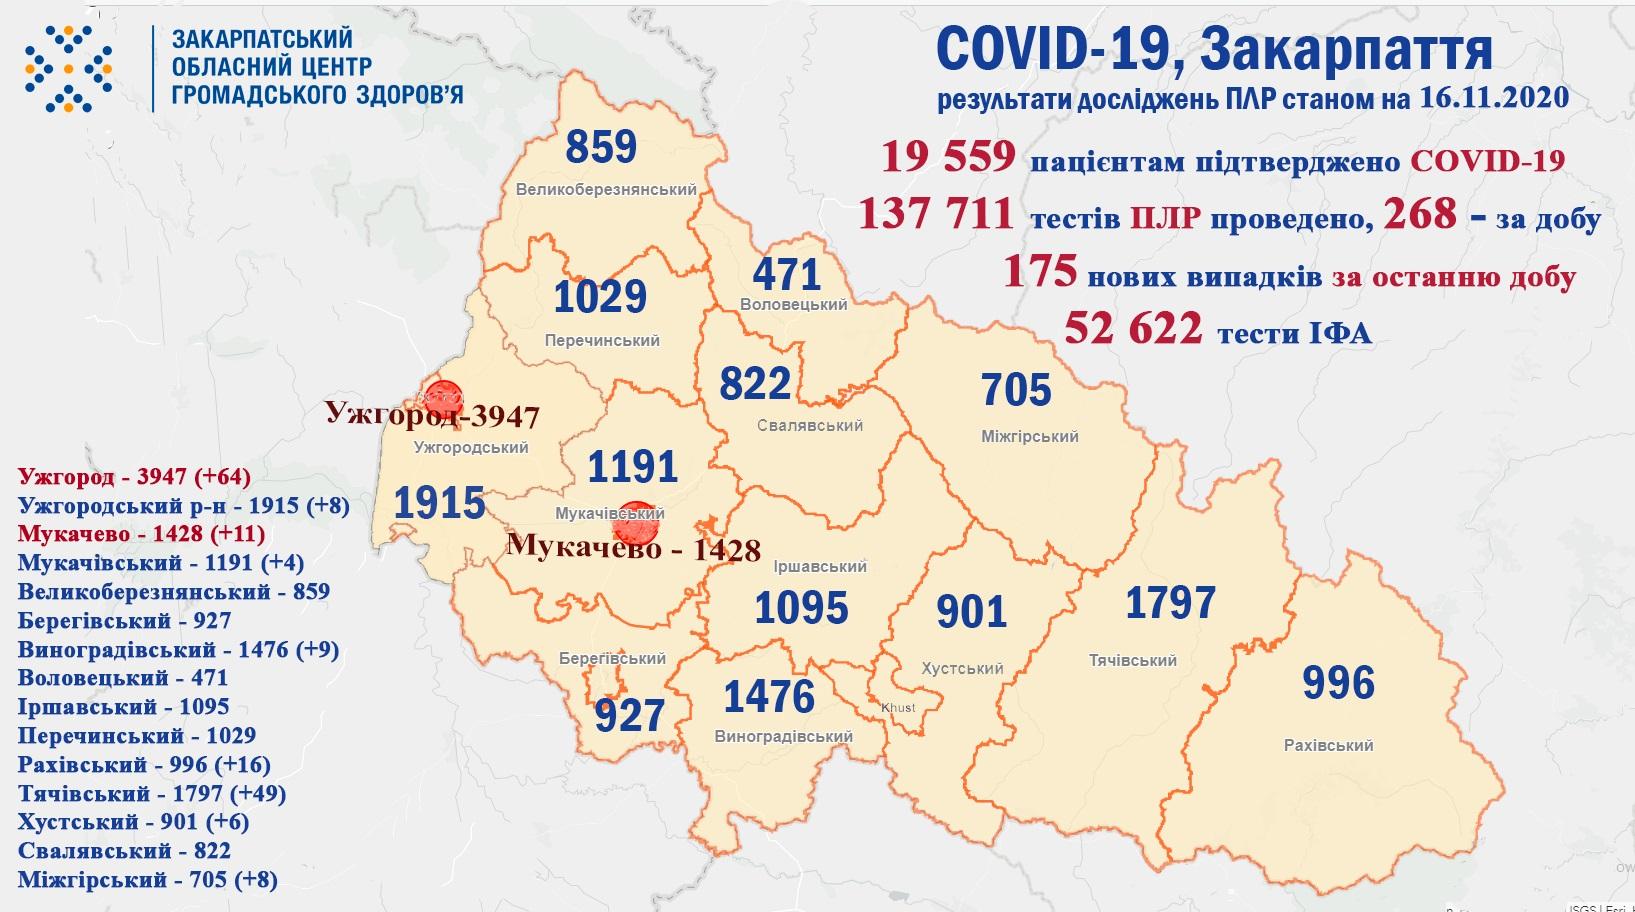 Протягом минулої доби 175 закарпатцям встановлено діагноз COVID-19